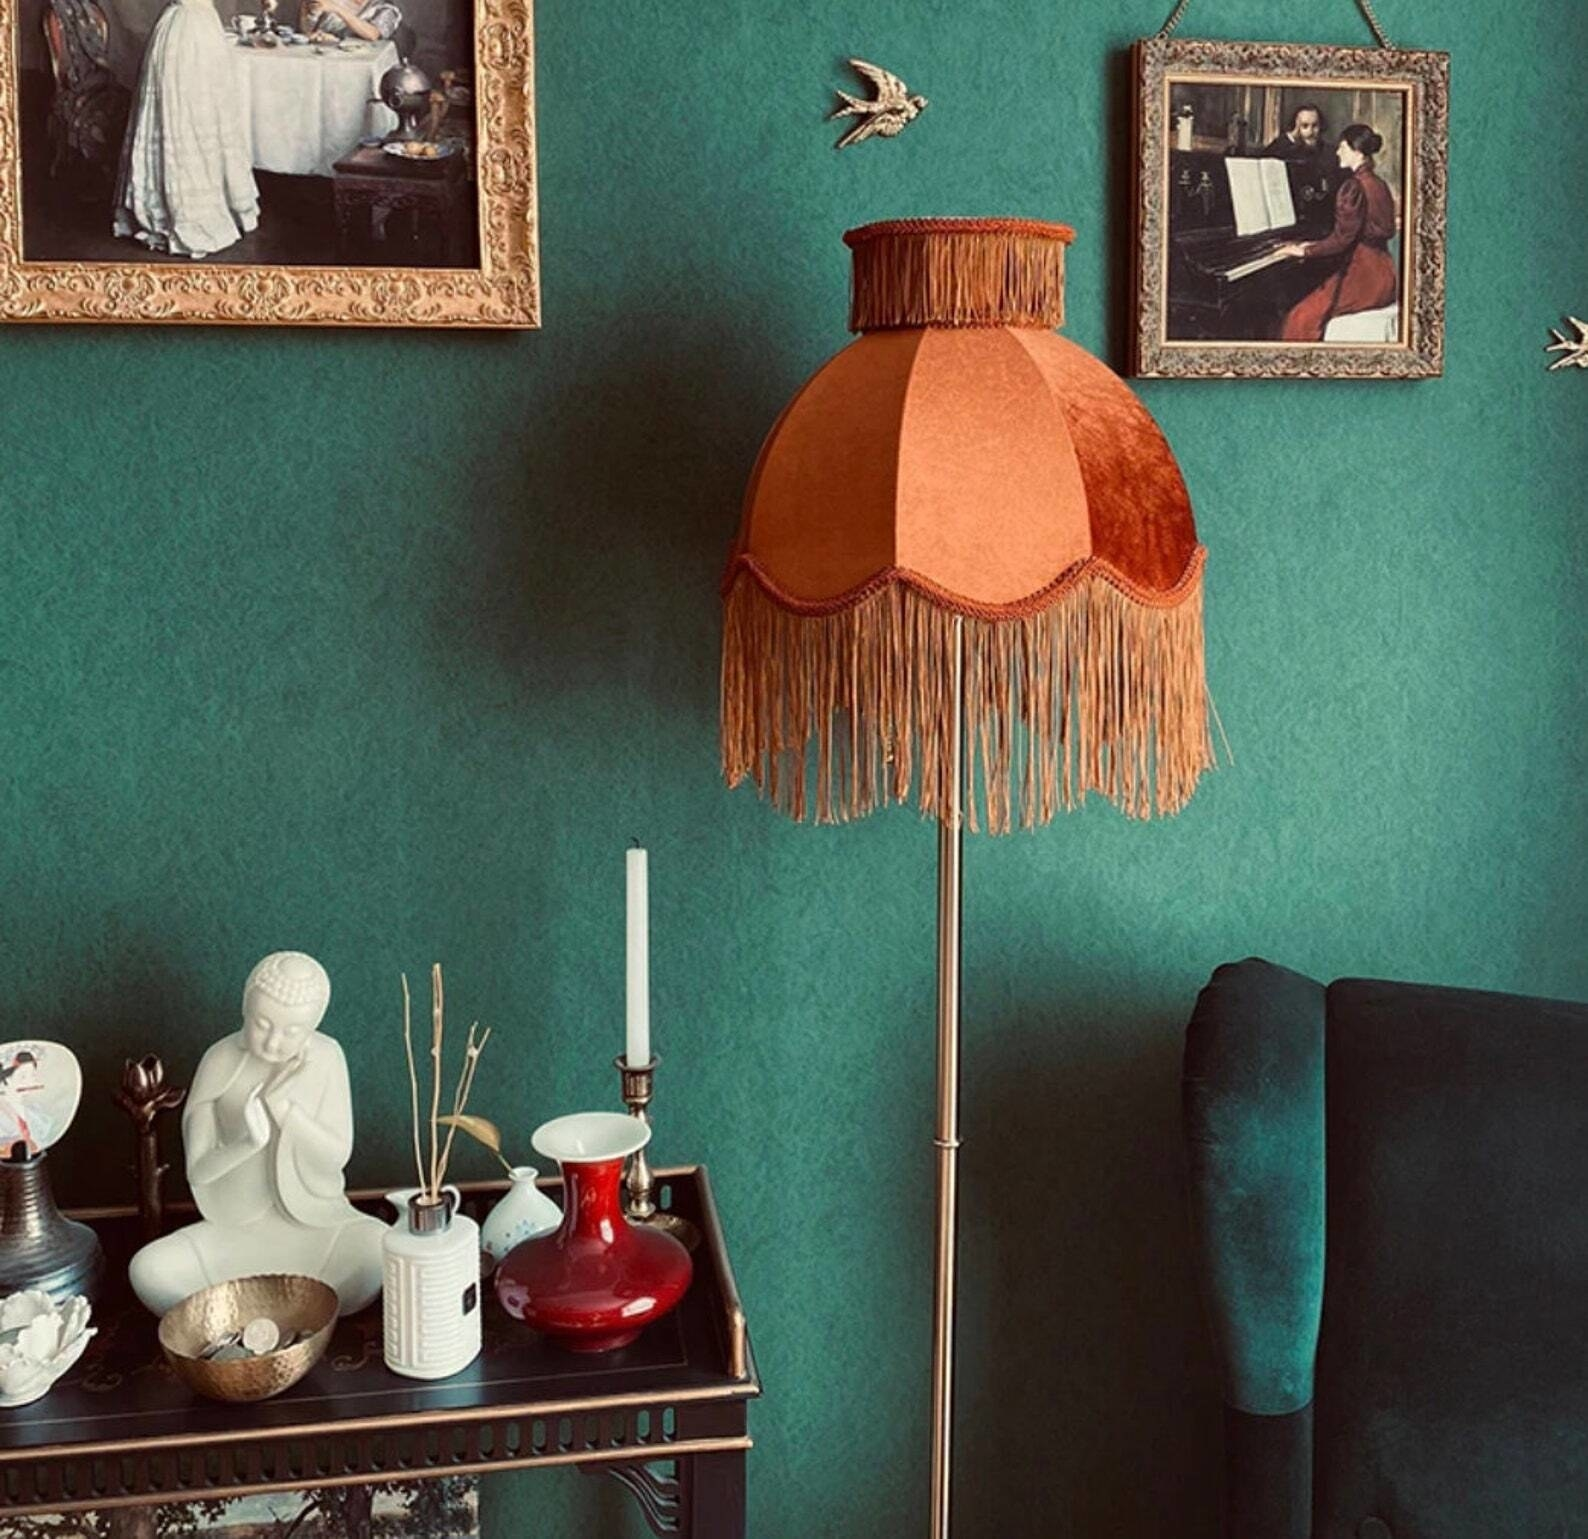 velvet tassel lampshade on standing lamp